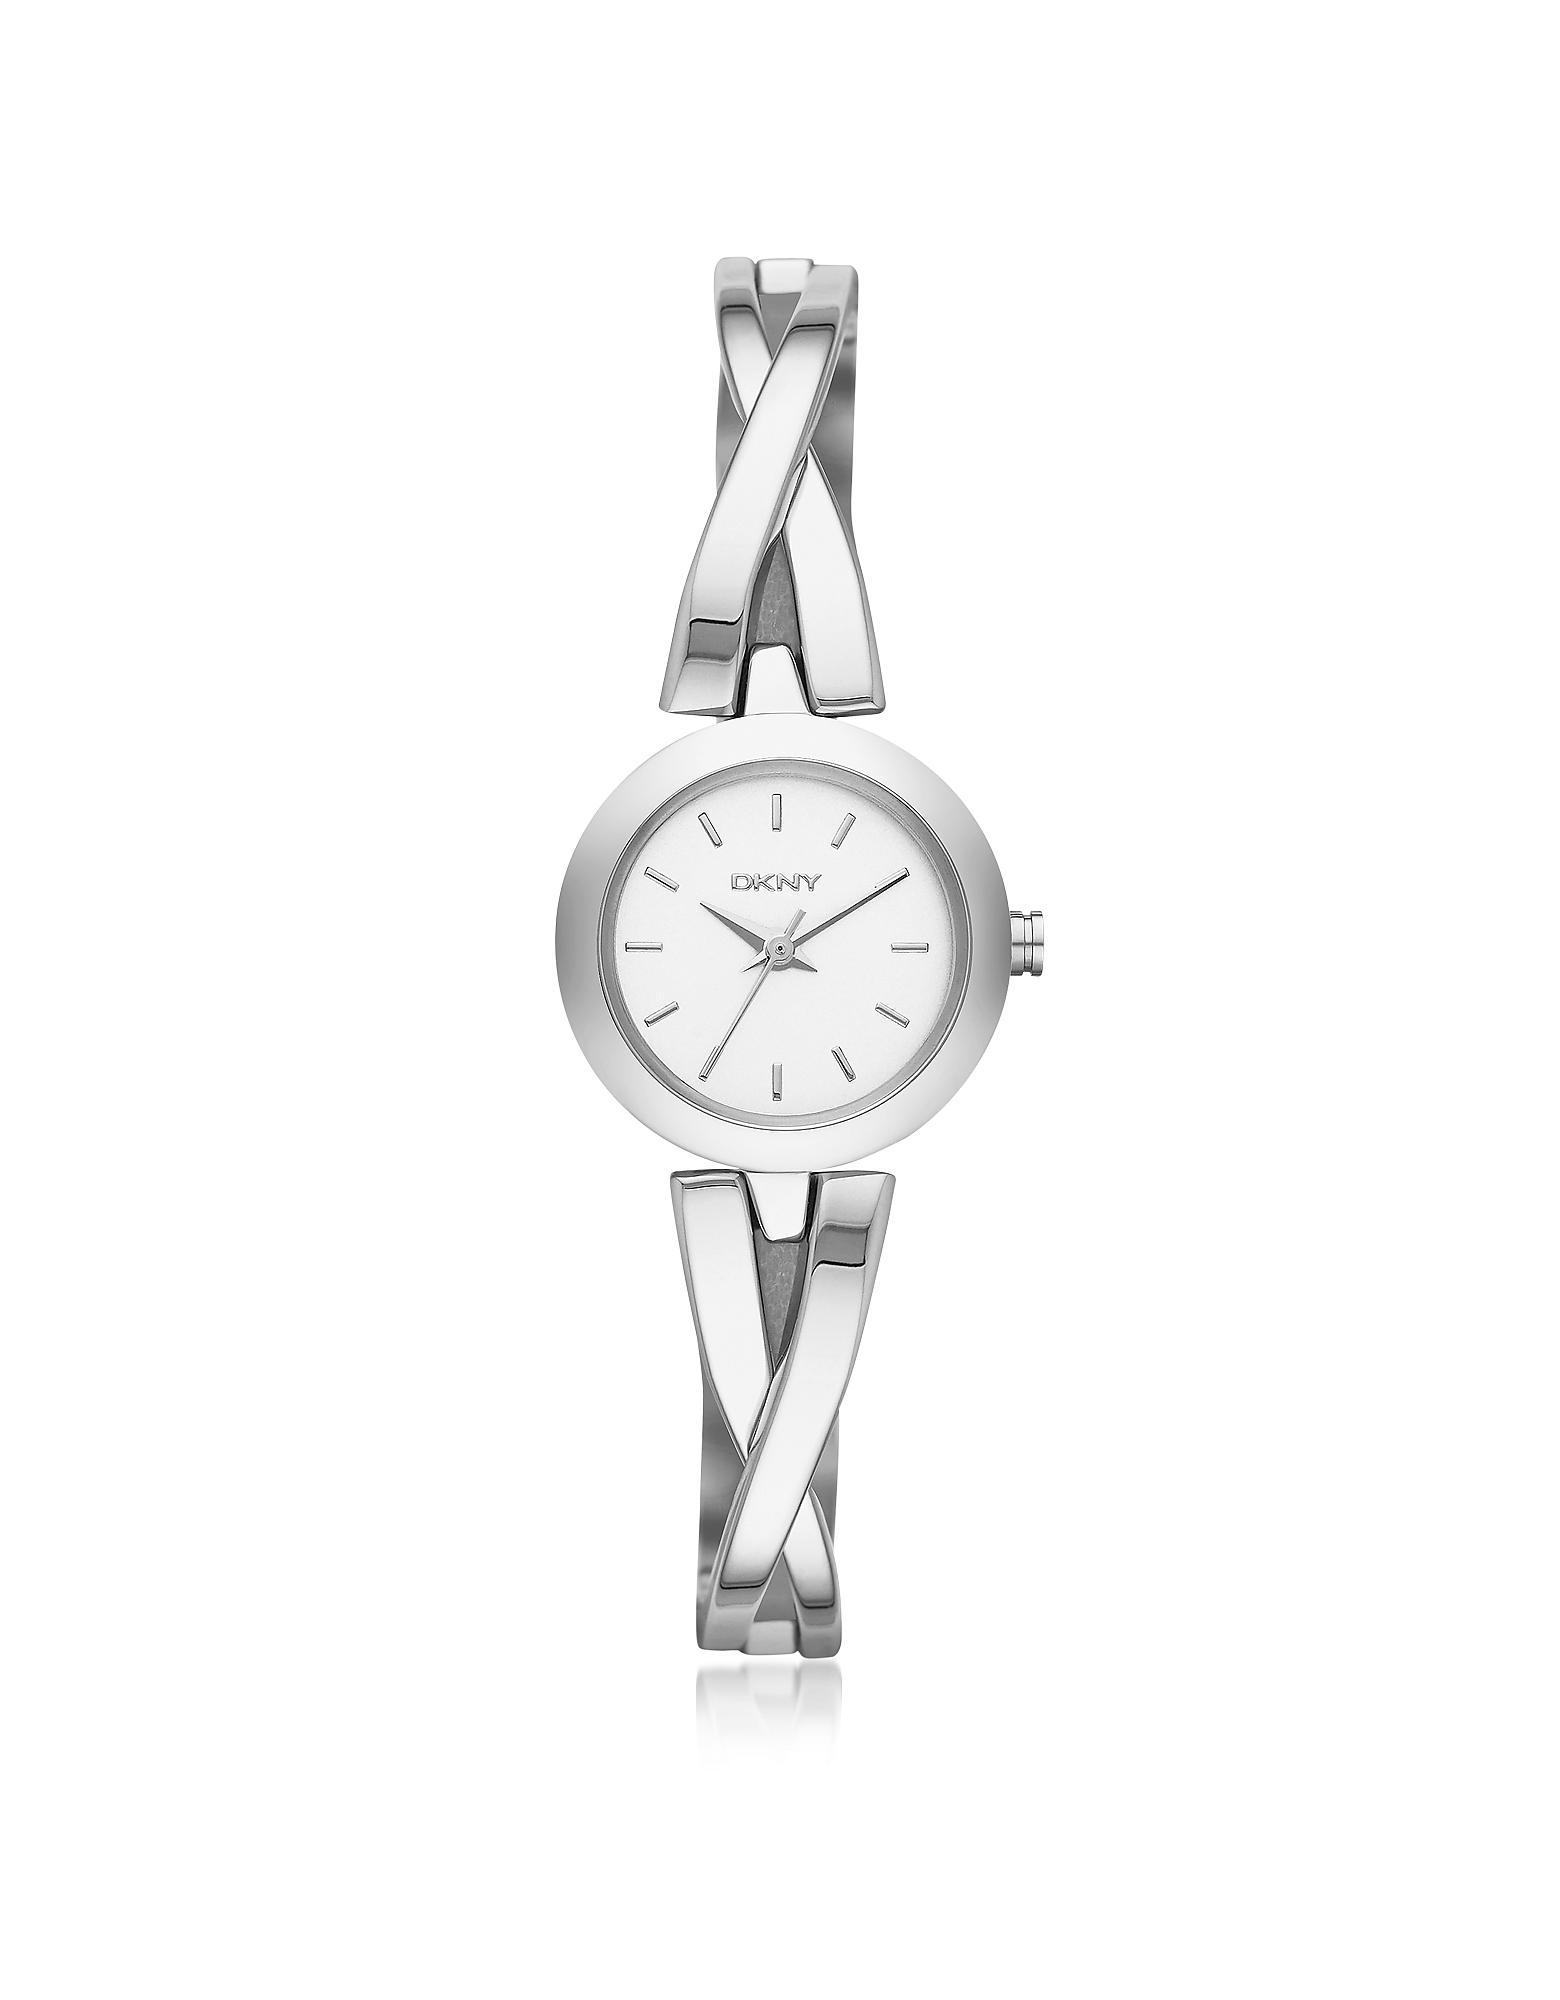 Crosswalk - Серебристые Женские Часы из Нержавеющей Стали с Круглым Циферблатом DKNY